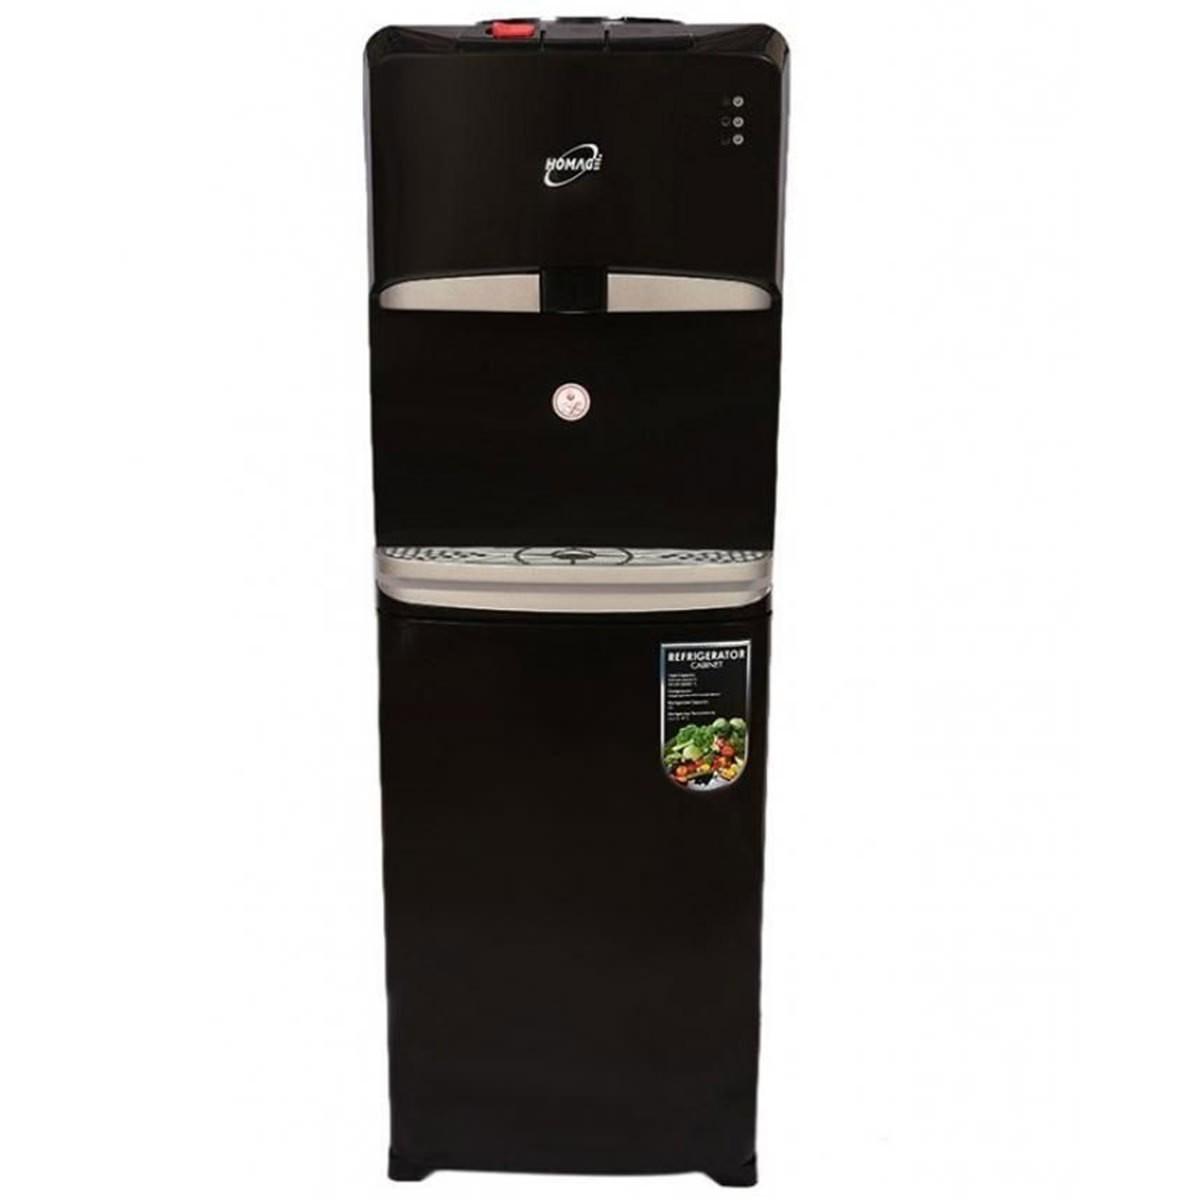 Homage HWD-29 3 Tap Water Dispenser